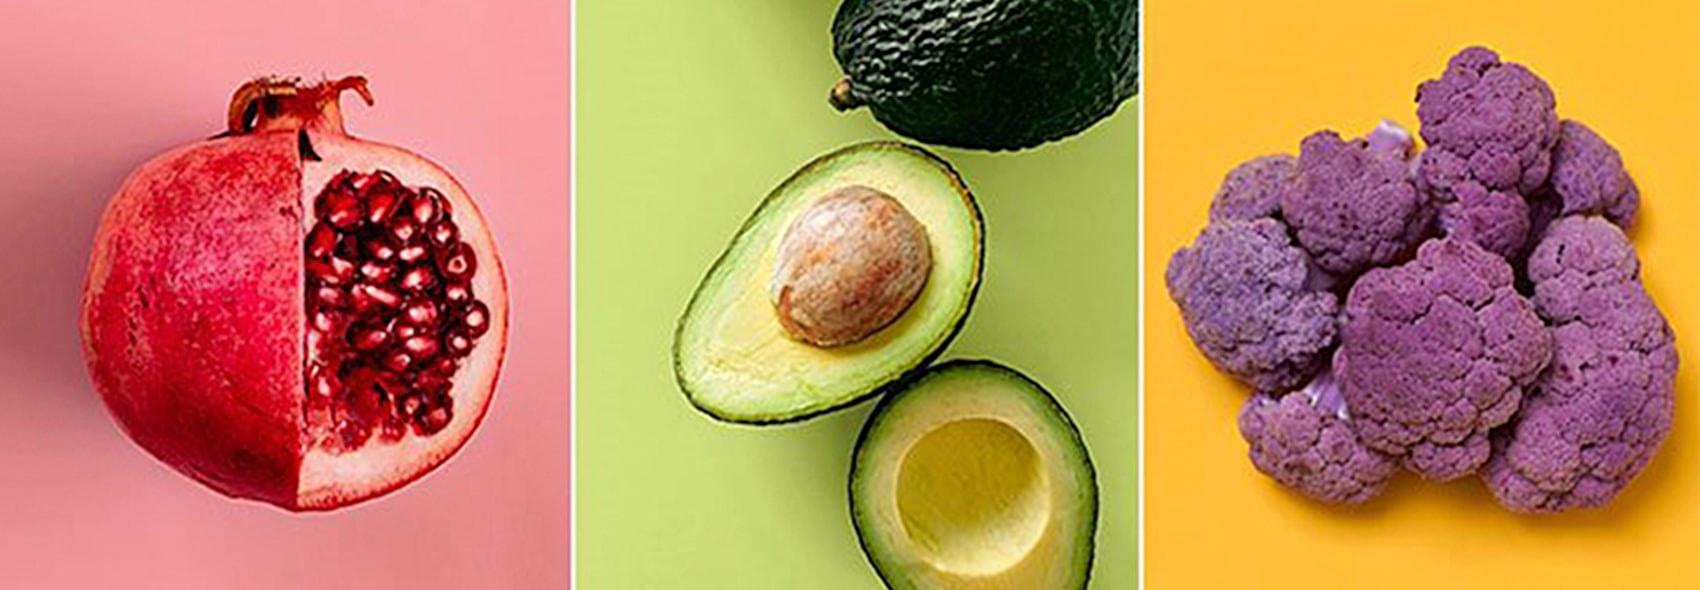 Anti inflammation diet 2